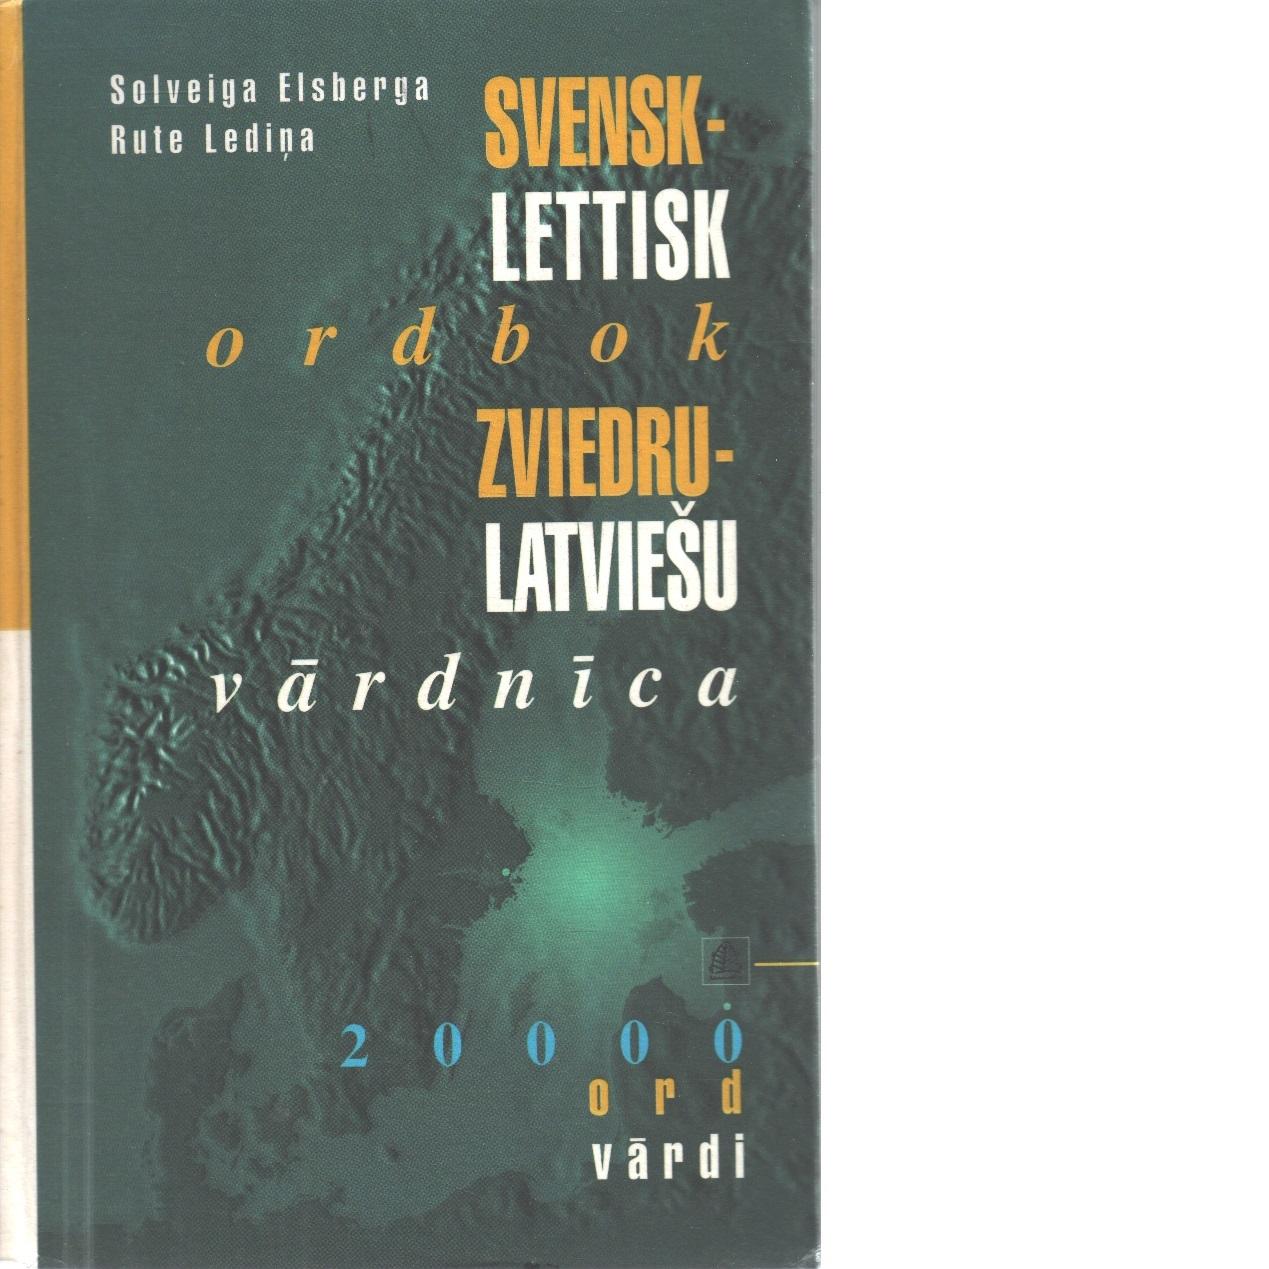 Svensk-lettisk ordbok - Elsberga, Solveiga och Ledin?a, Rute